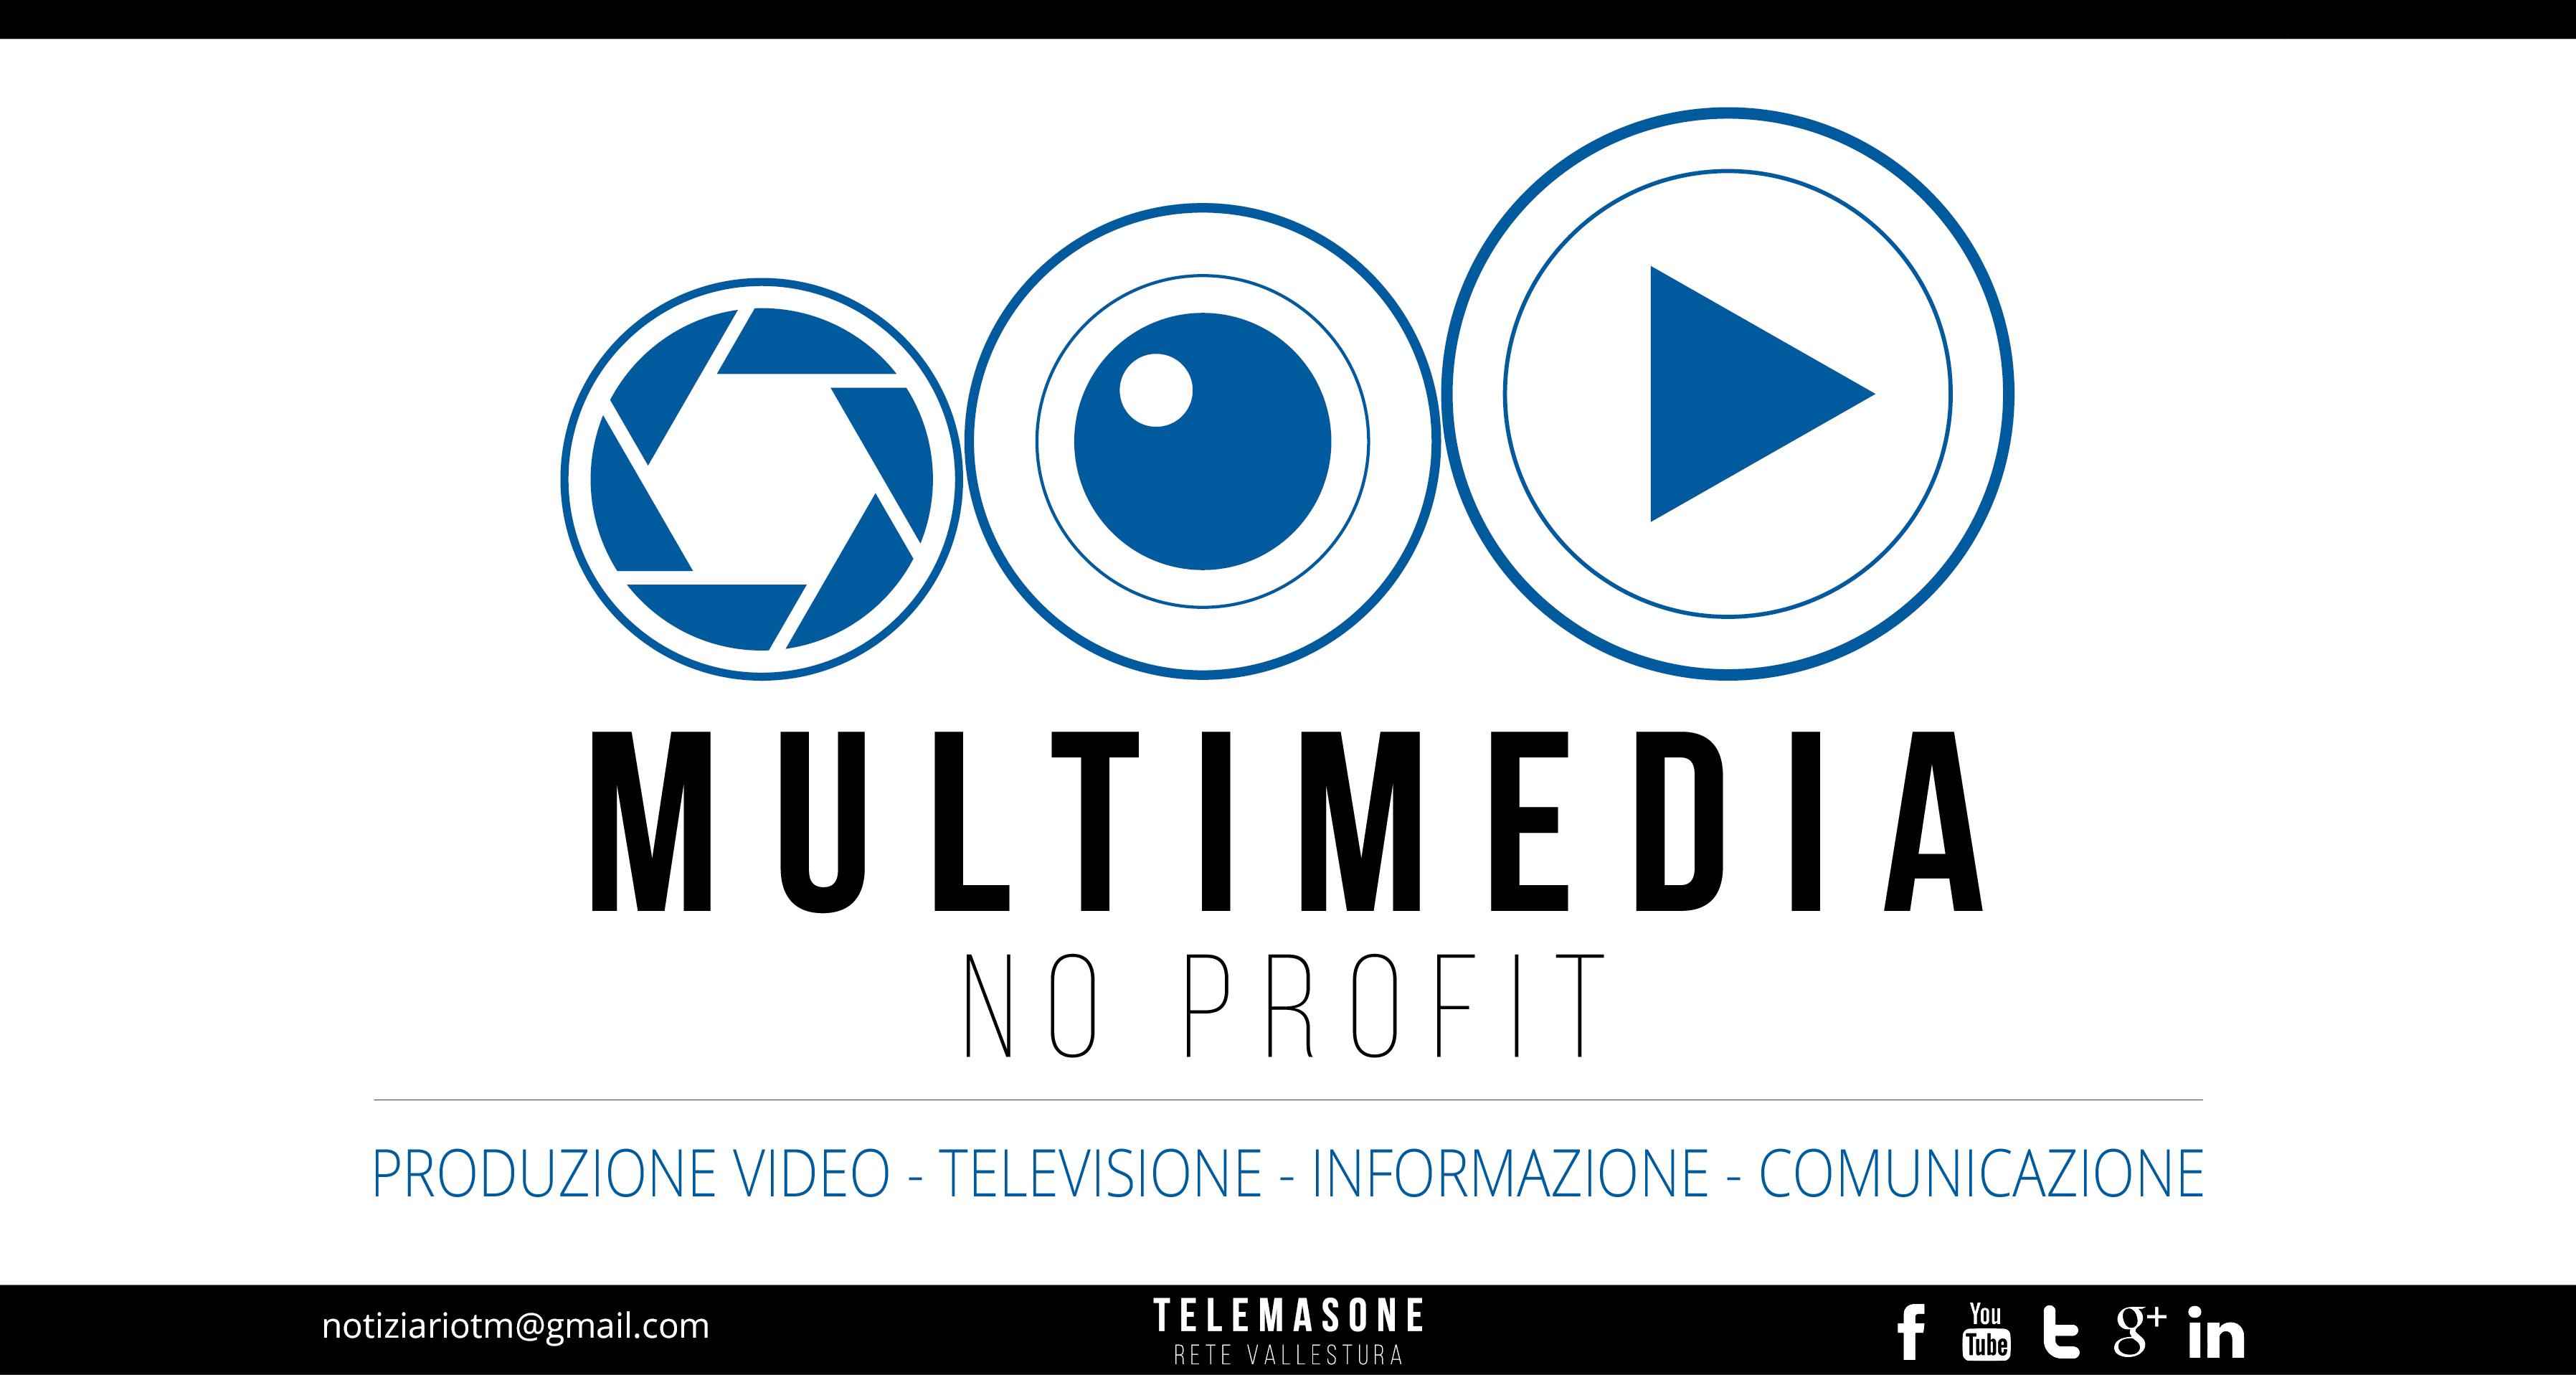 Multimedia No Profit